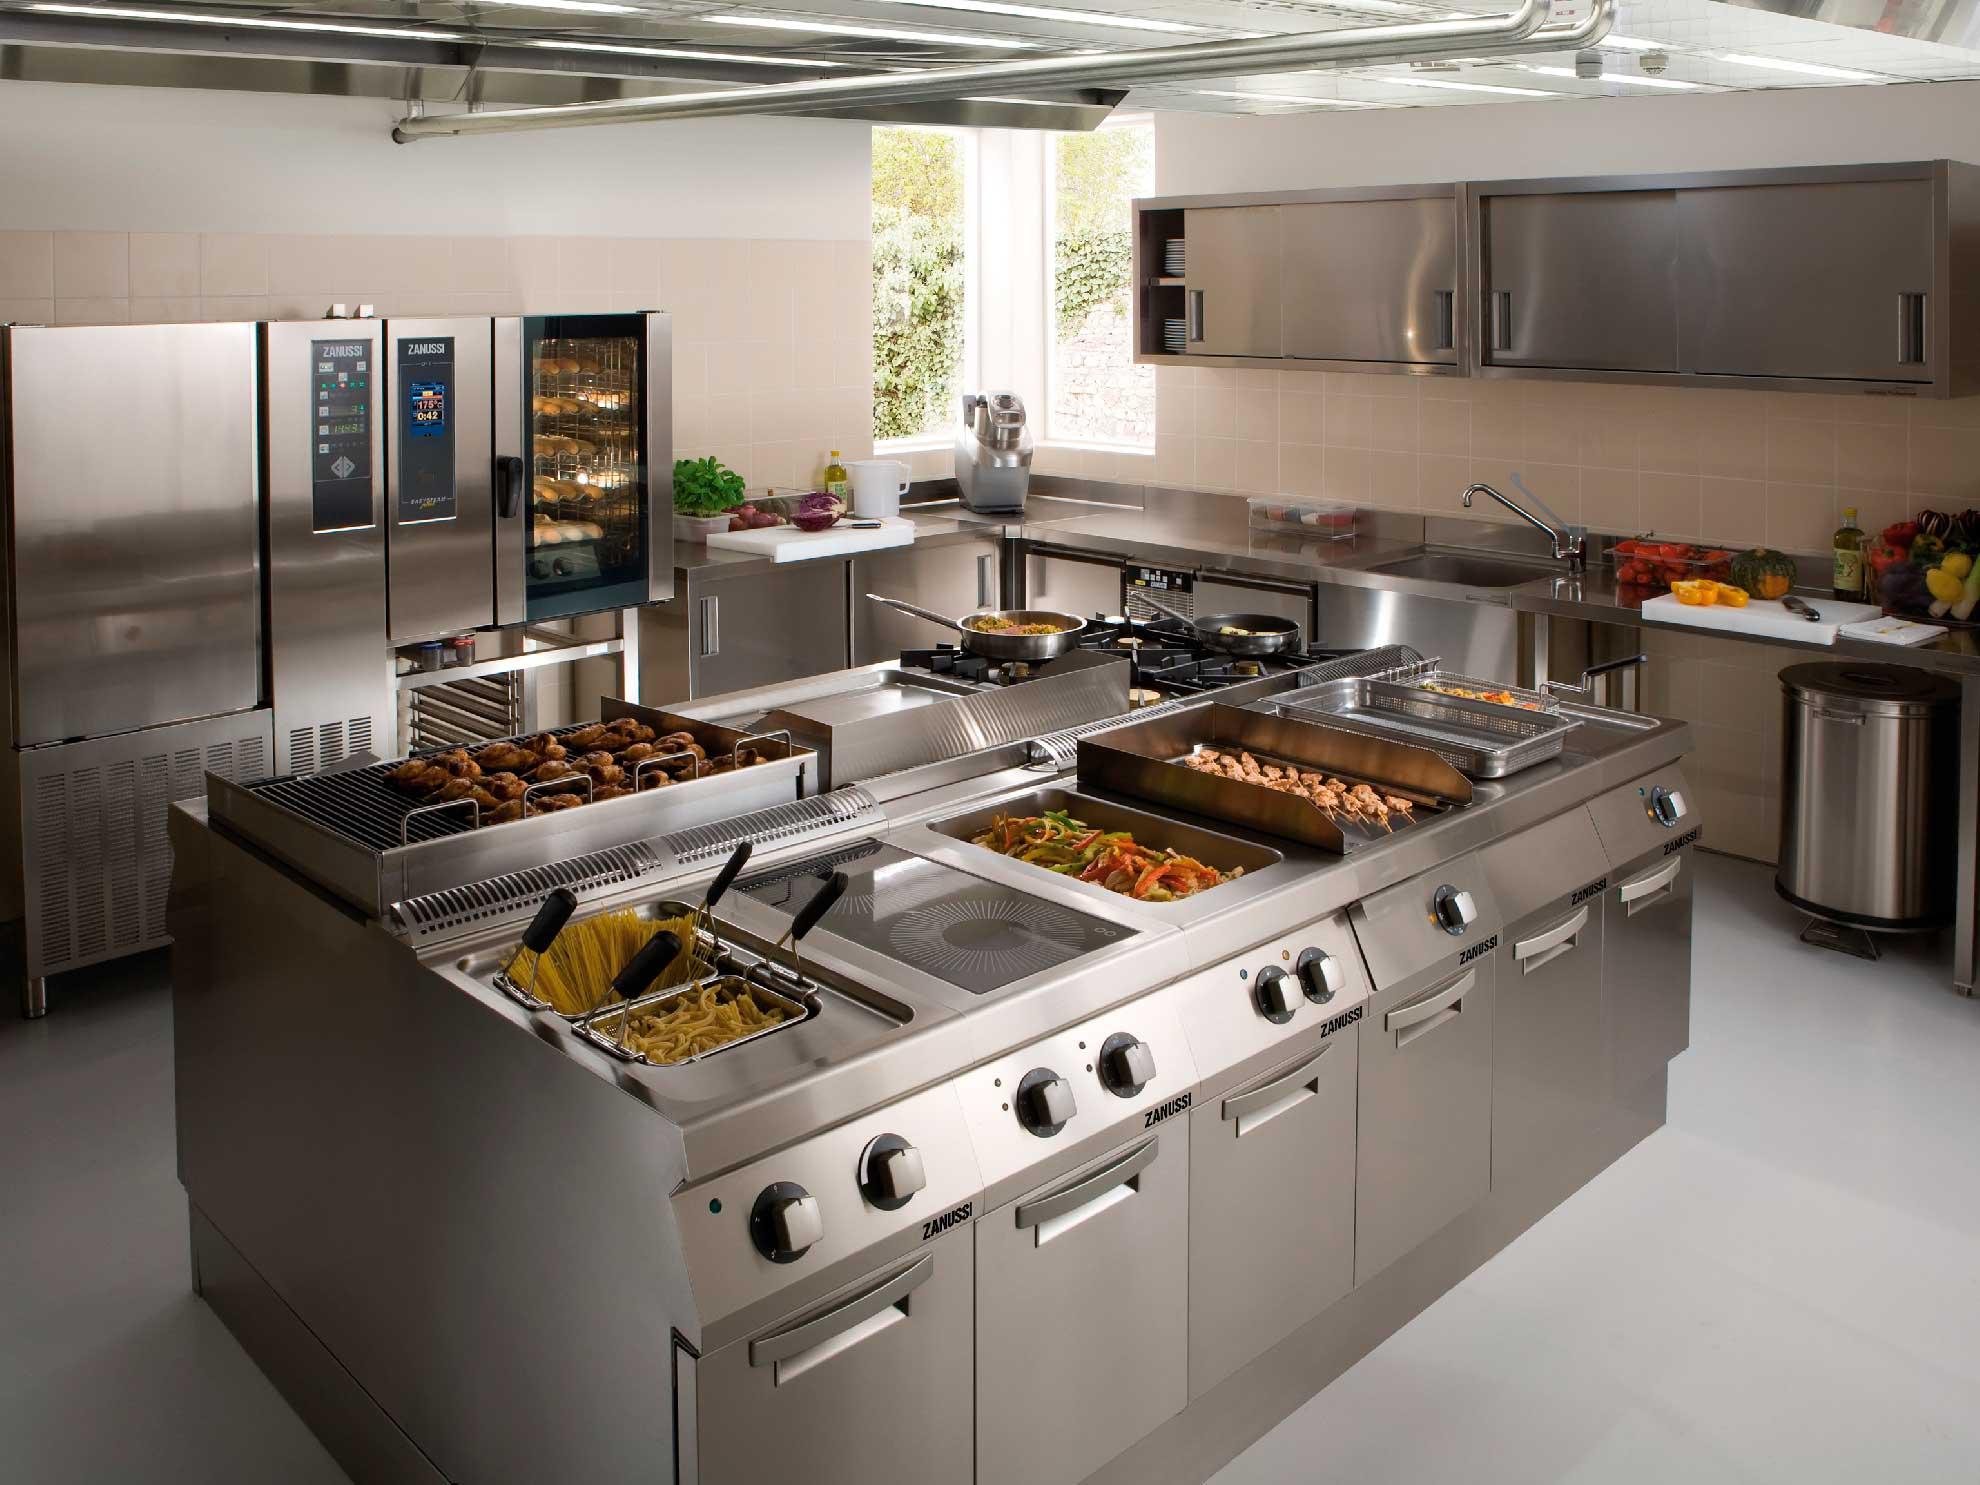 Qu tener en cuenta al limpiar una cocina industrial for Maquina que cocina